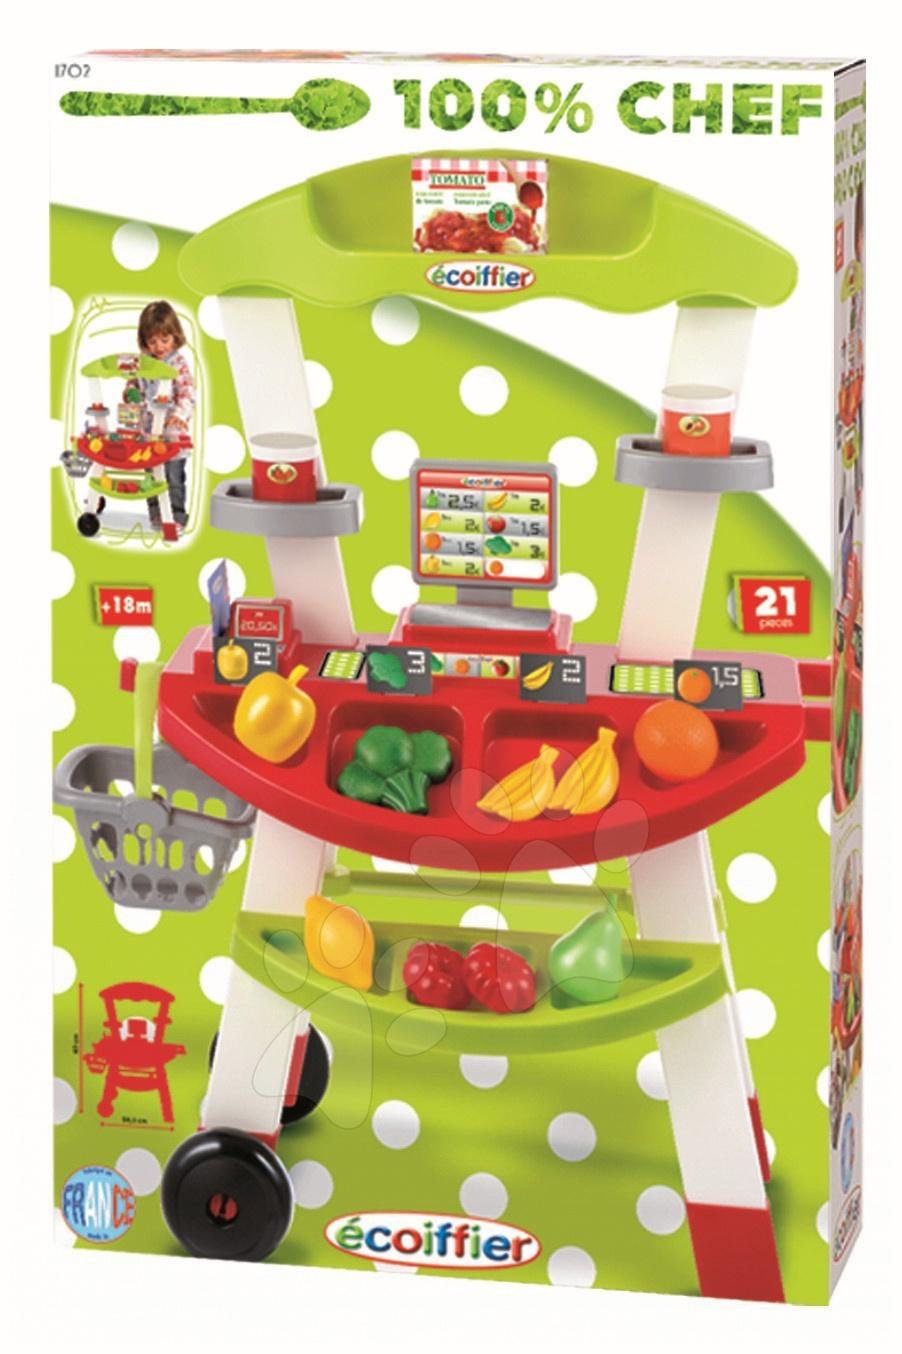 Obchody pre deti - Zeleninový stánok 100% Chef Écoiffier s košíkom, váhou, zeleninou a 21 doplnkami od 18 mes